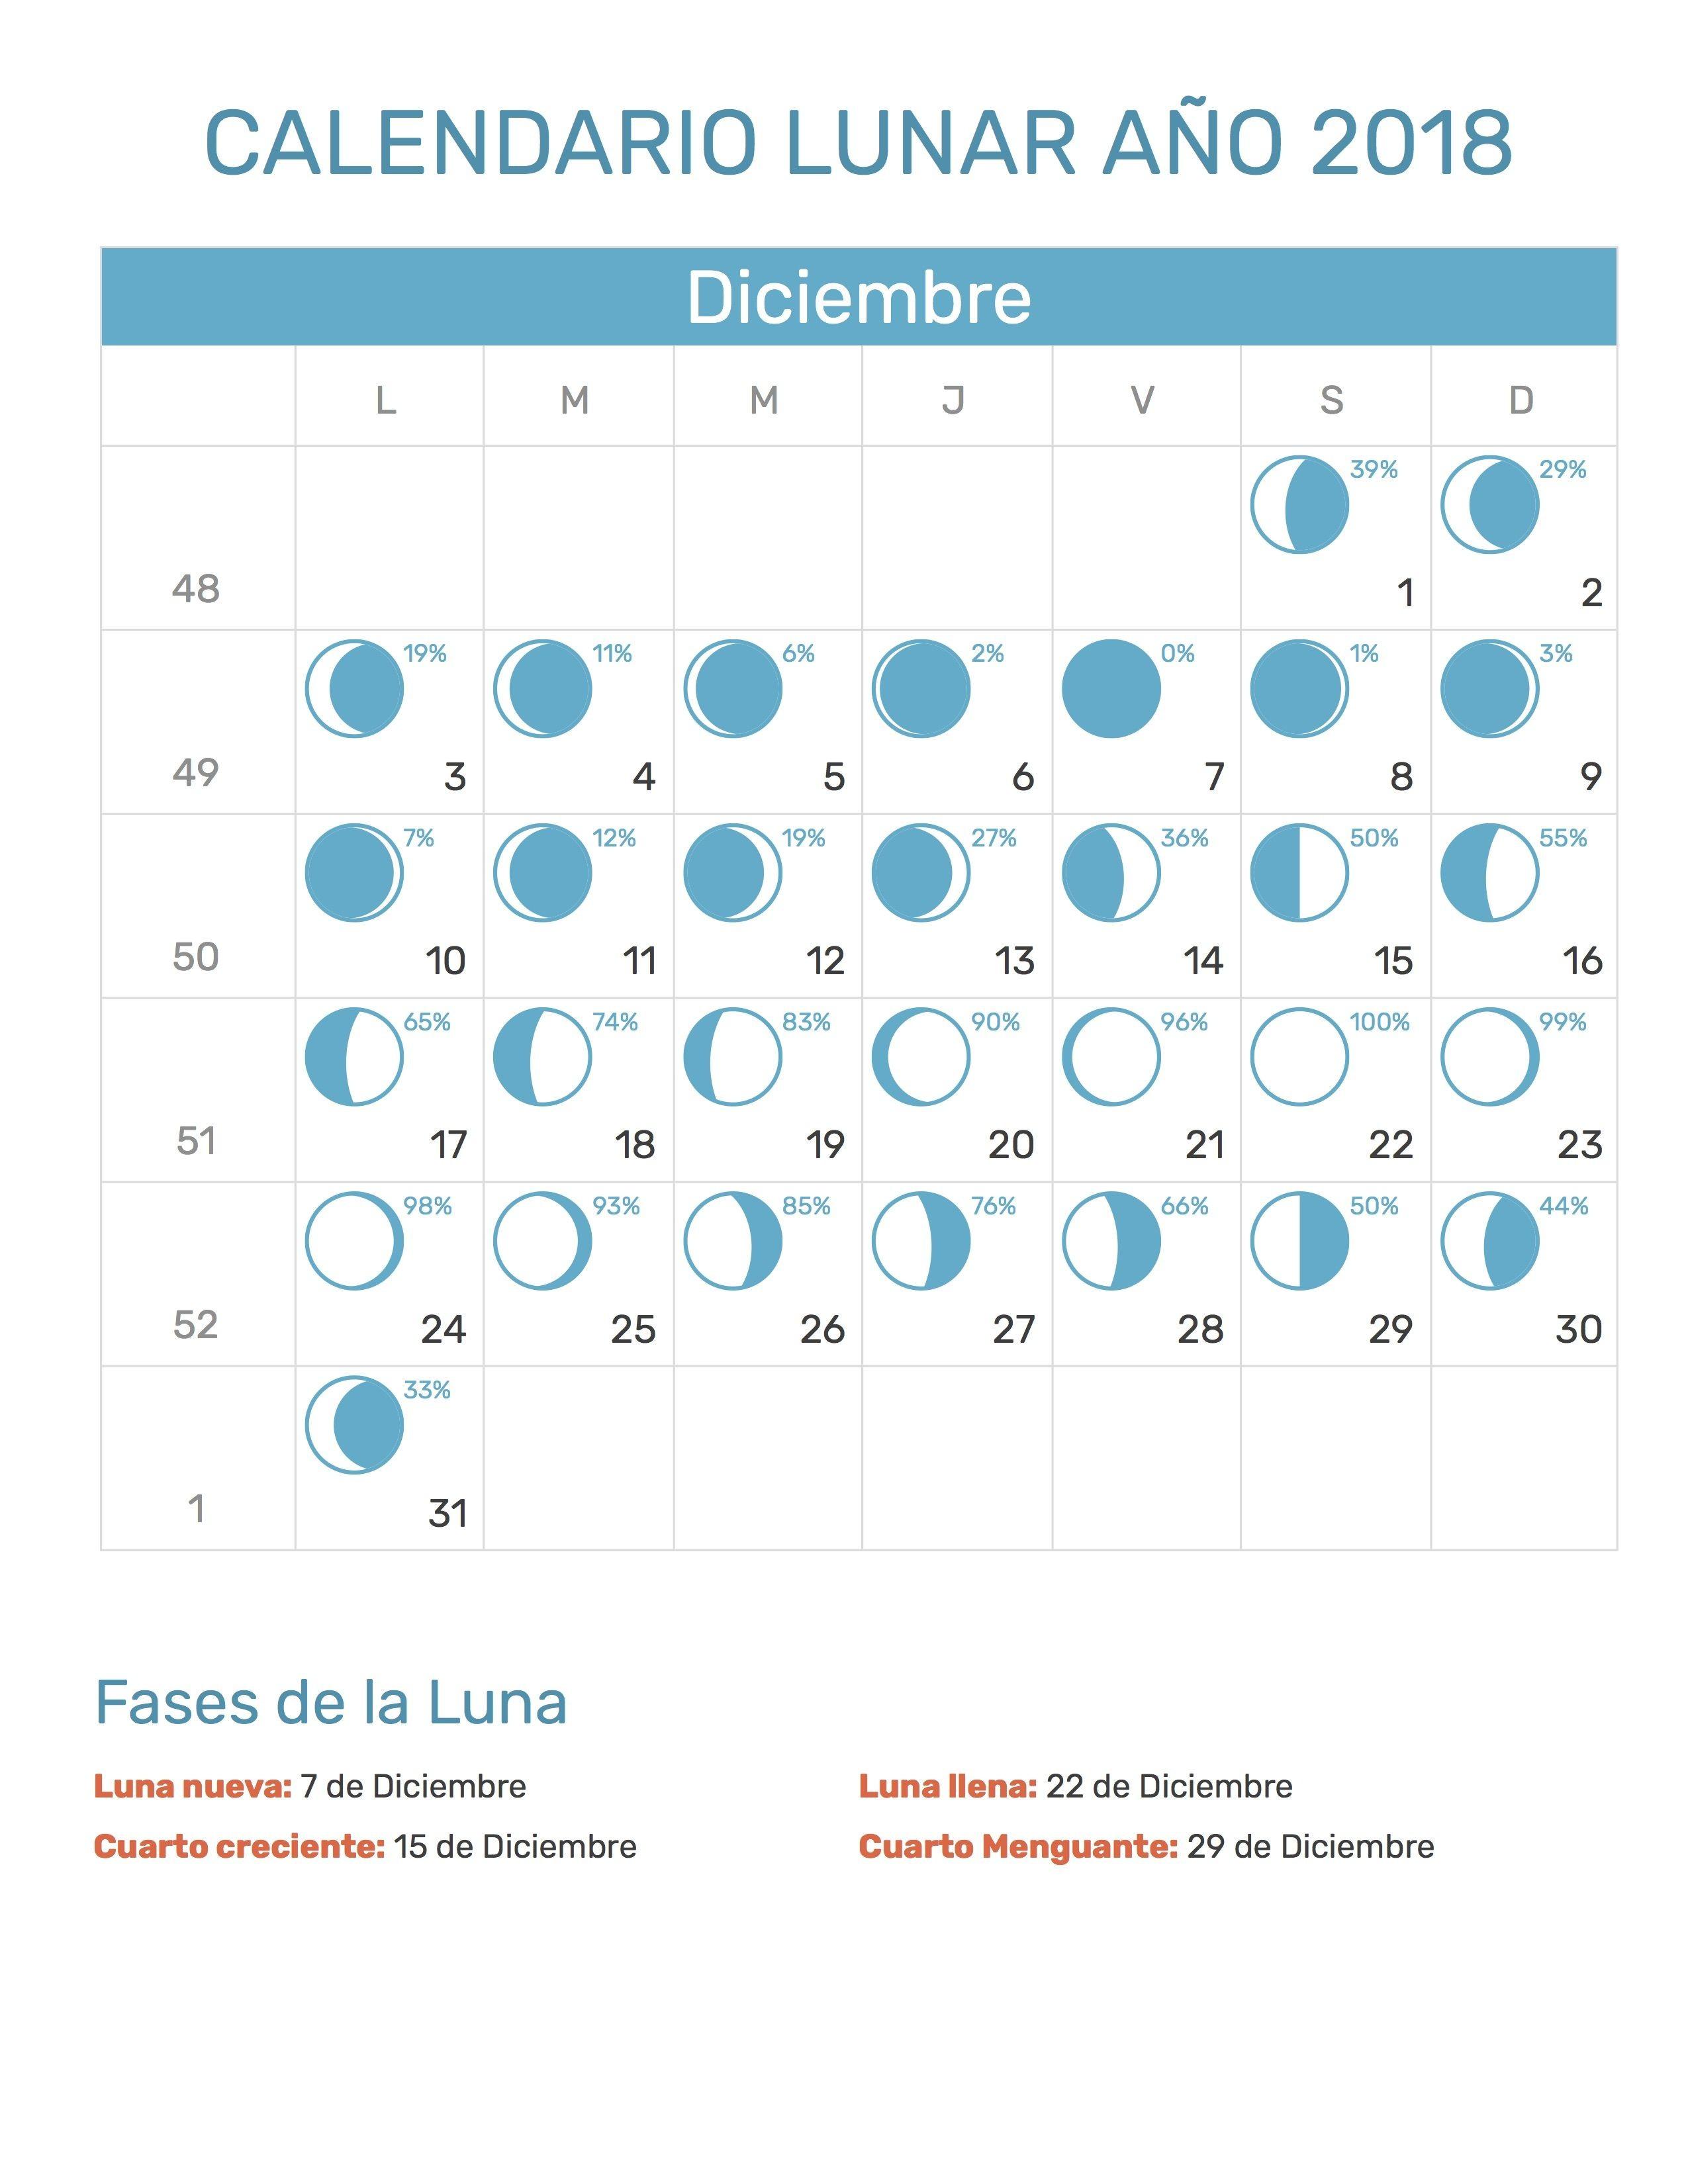 Calendario Lunar Junio Fases De La Luna Mes De Junio Formato Lunares